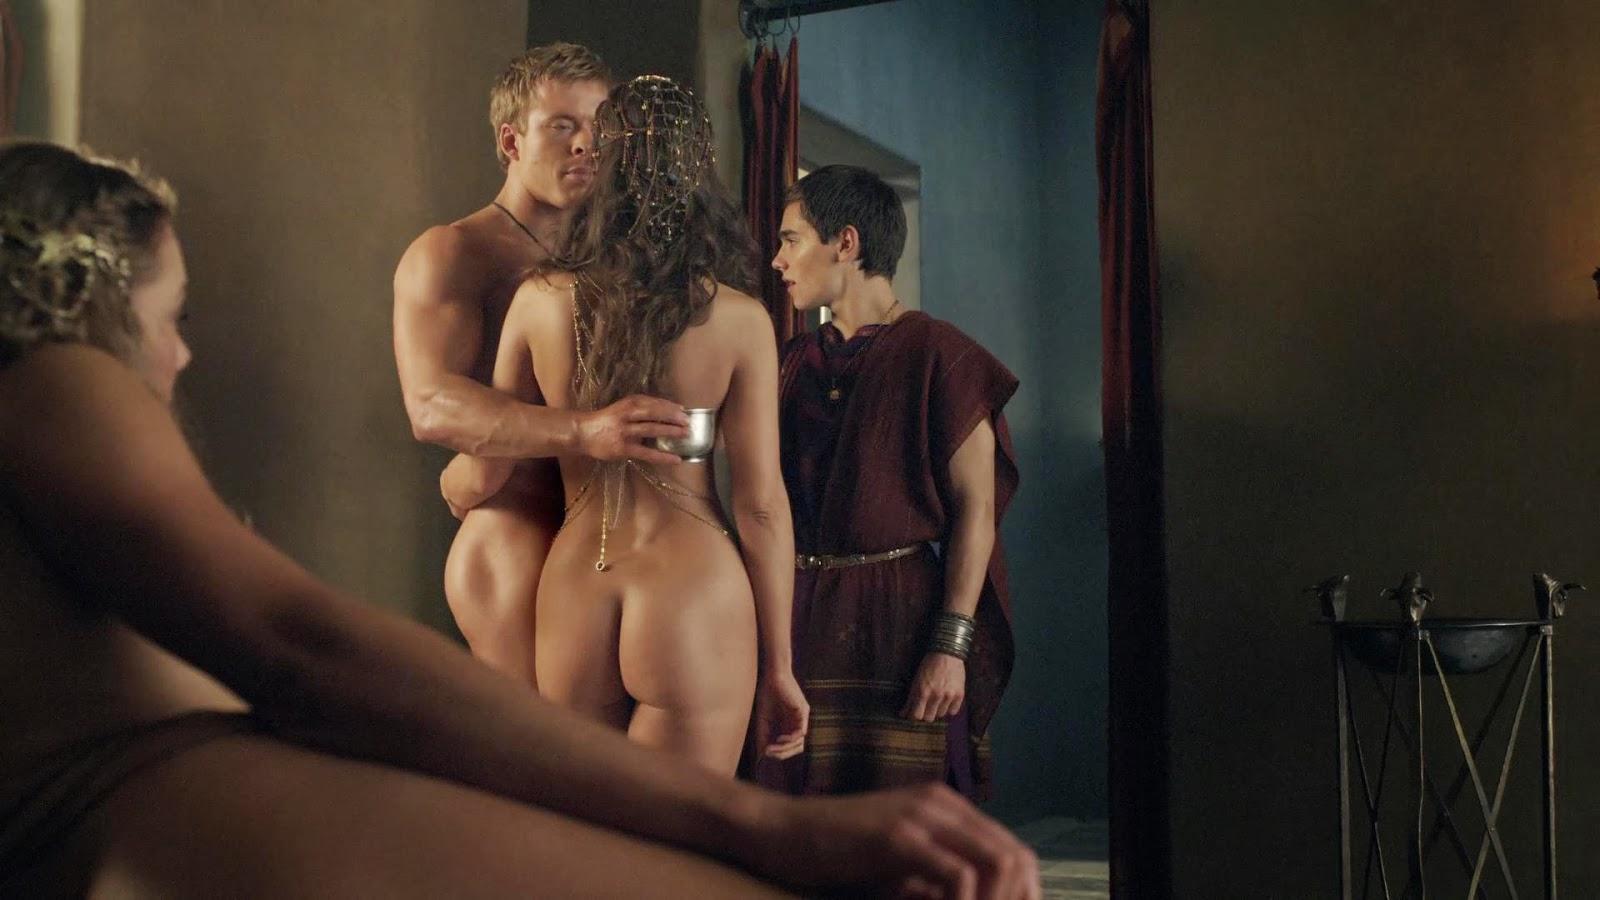 онлайн откровенная фильм эротика смотреть